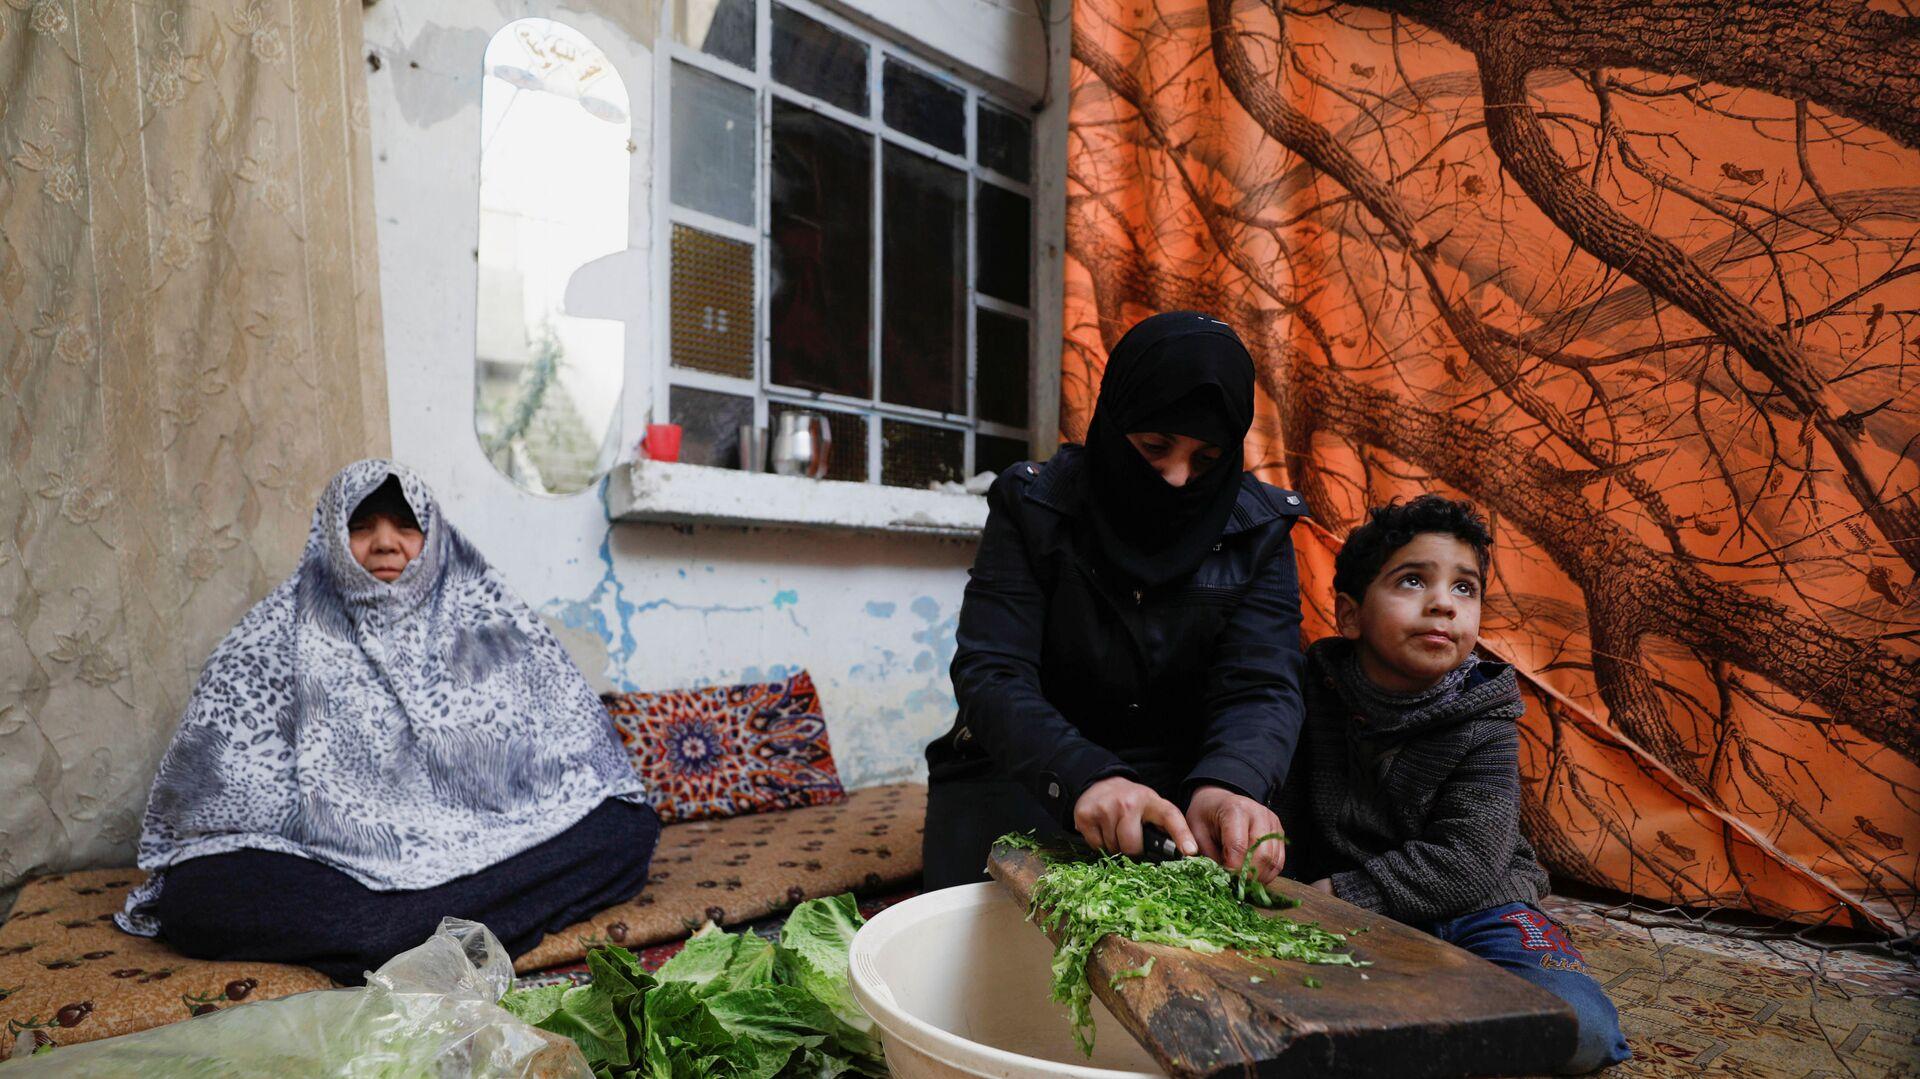 Syryjska kobieta gotuje jedzenie dla rodziny w Dumie, na przedmieściach Damaszku, Syria - Sputnik Polska, 1920, 08.07.2021